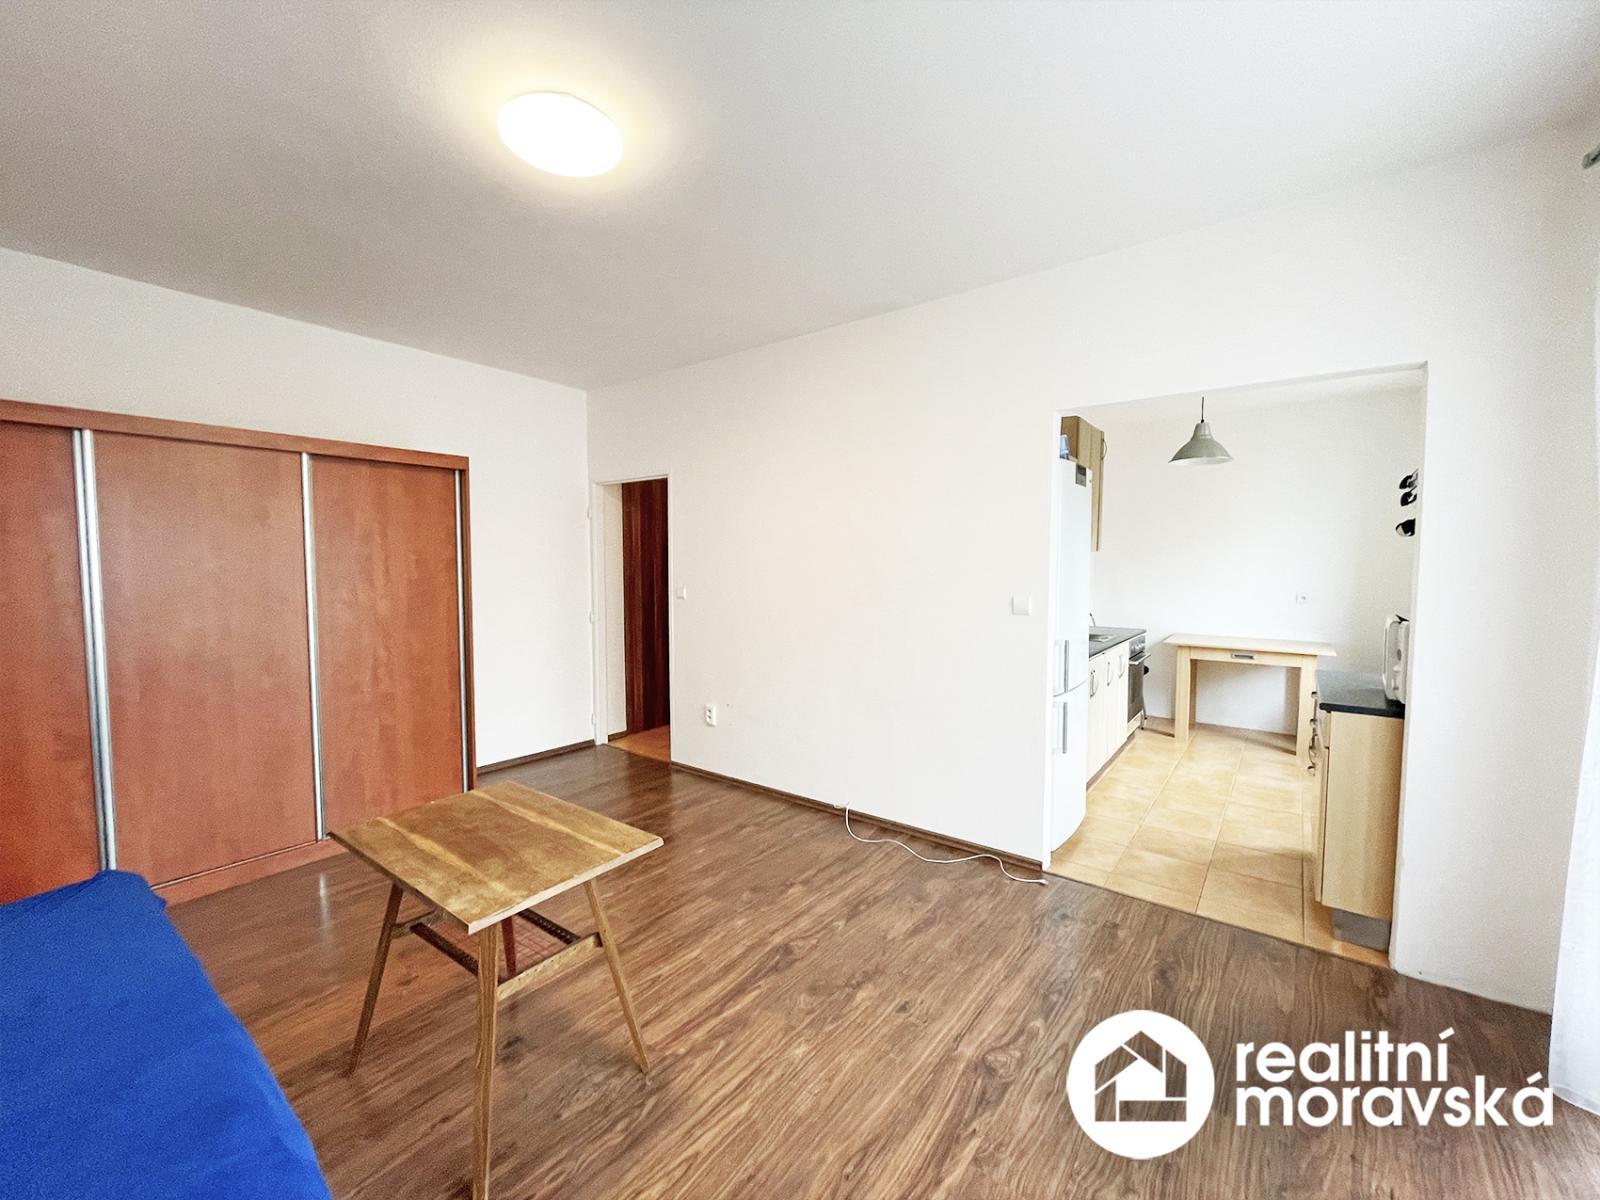 Pronájem bytu 1+1 v Ivančicích